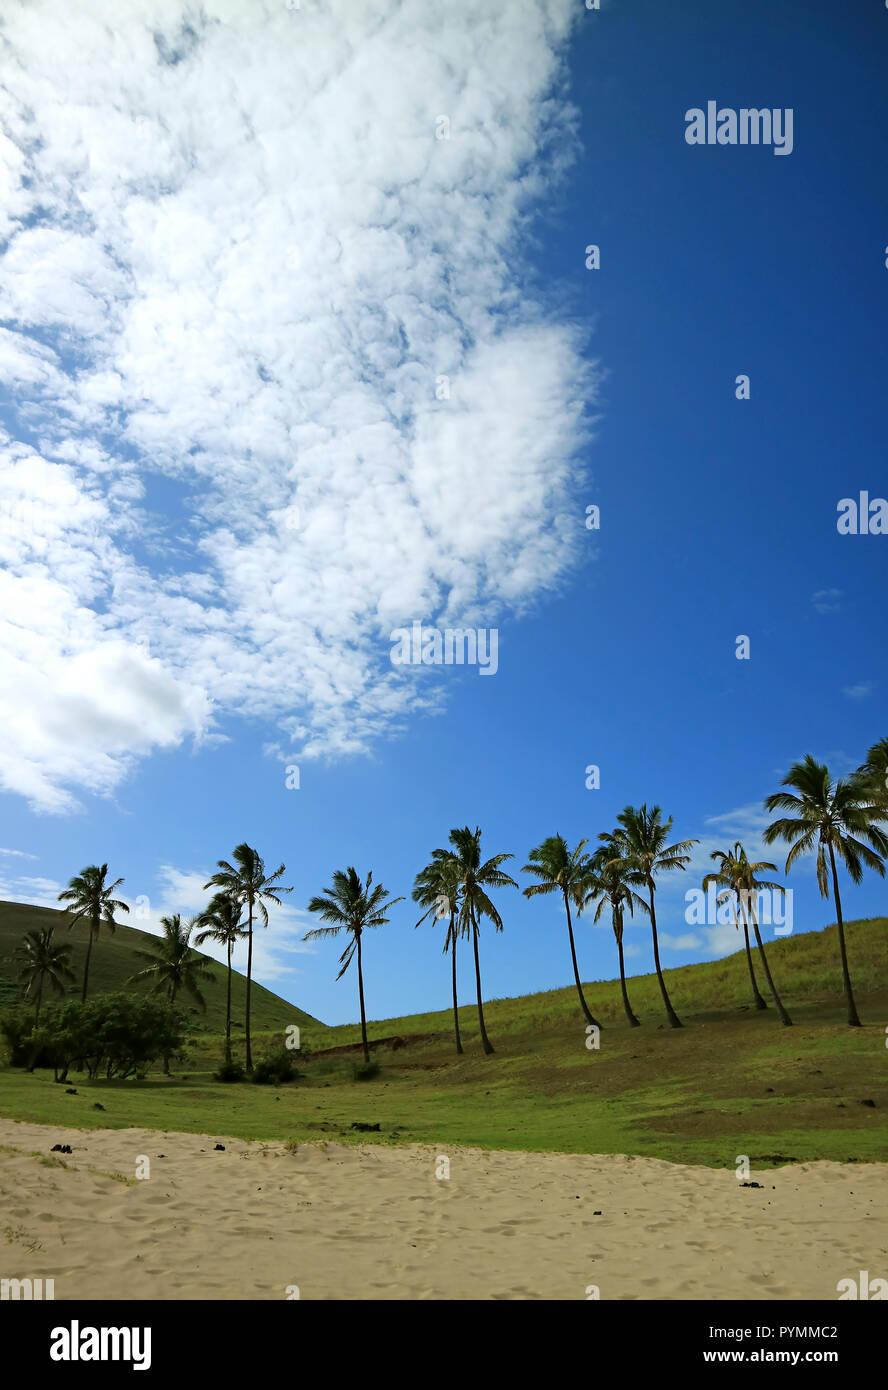 Fila Di Palme Di Cocco Contro Vivid Cielo Blu E Bianco Puro E Nuvole